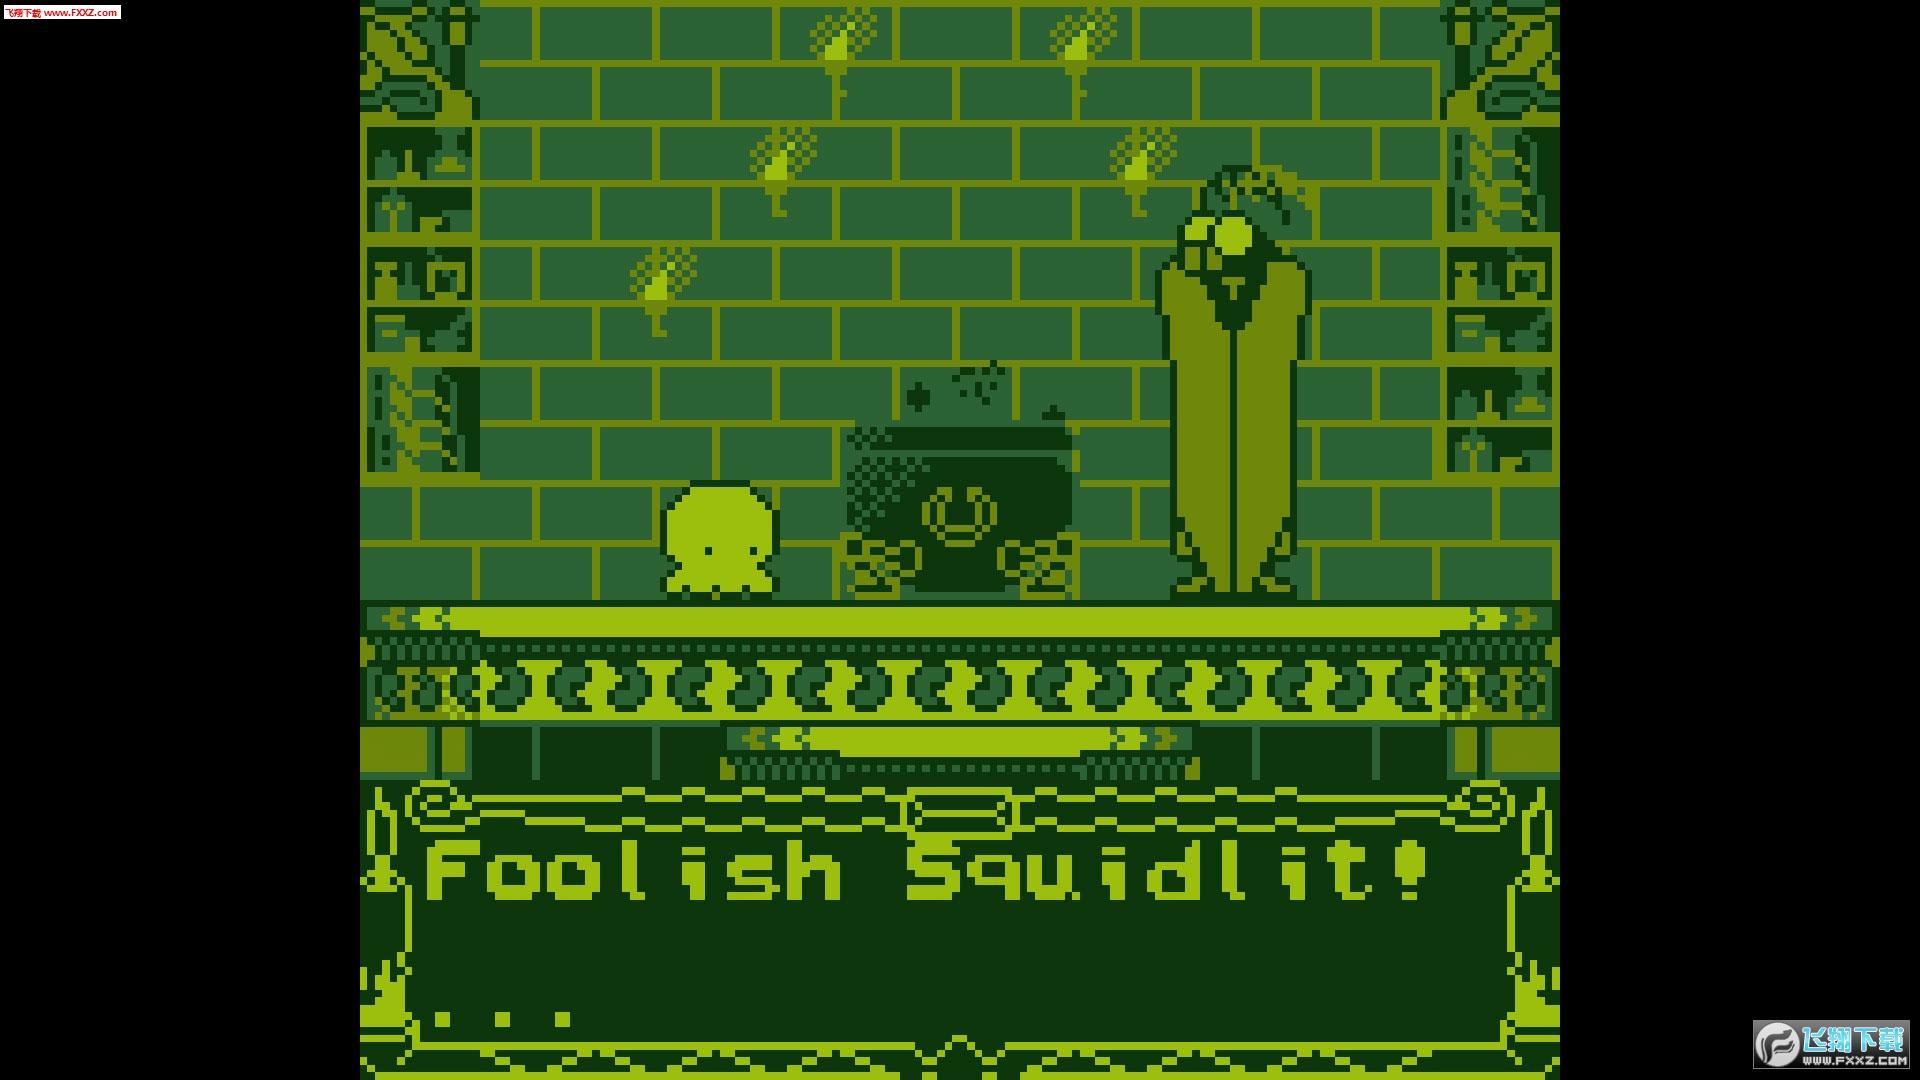 Squidlit截图6